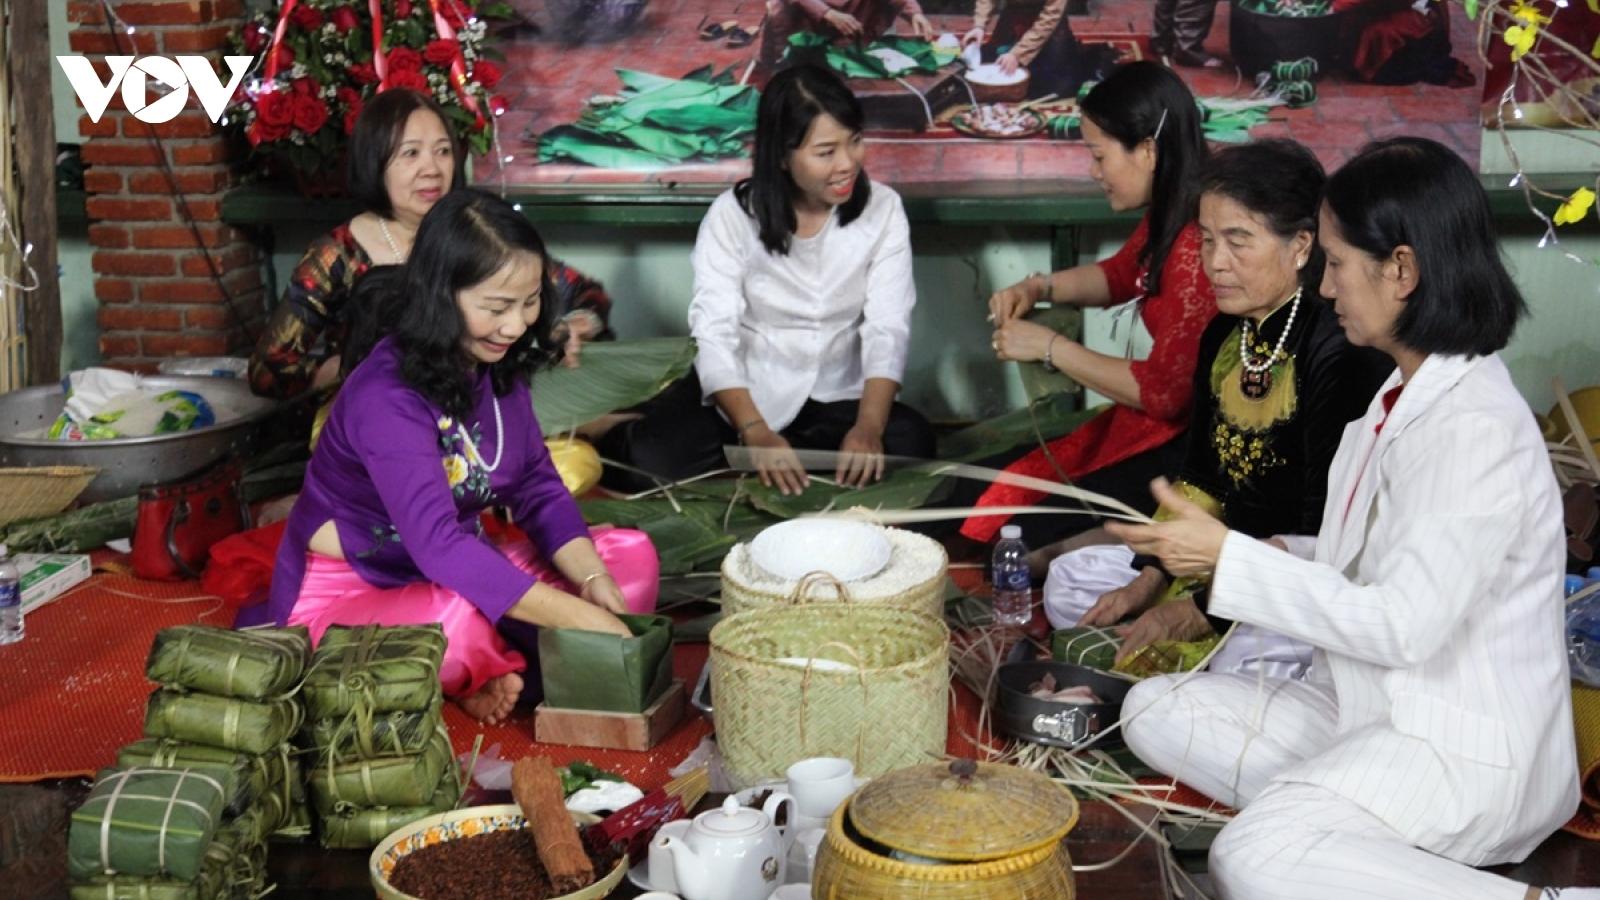 """Ngày hội """"Gói bánh chưng - gói trọn tình quê hương"""" của bà con người Việt tại Lào"""